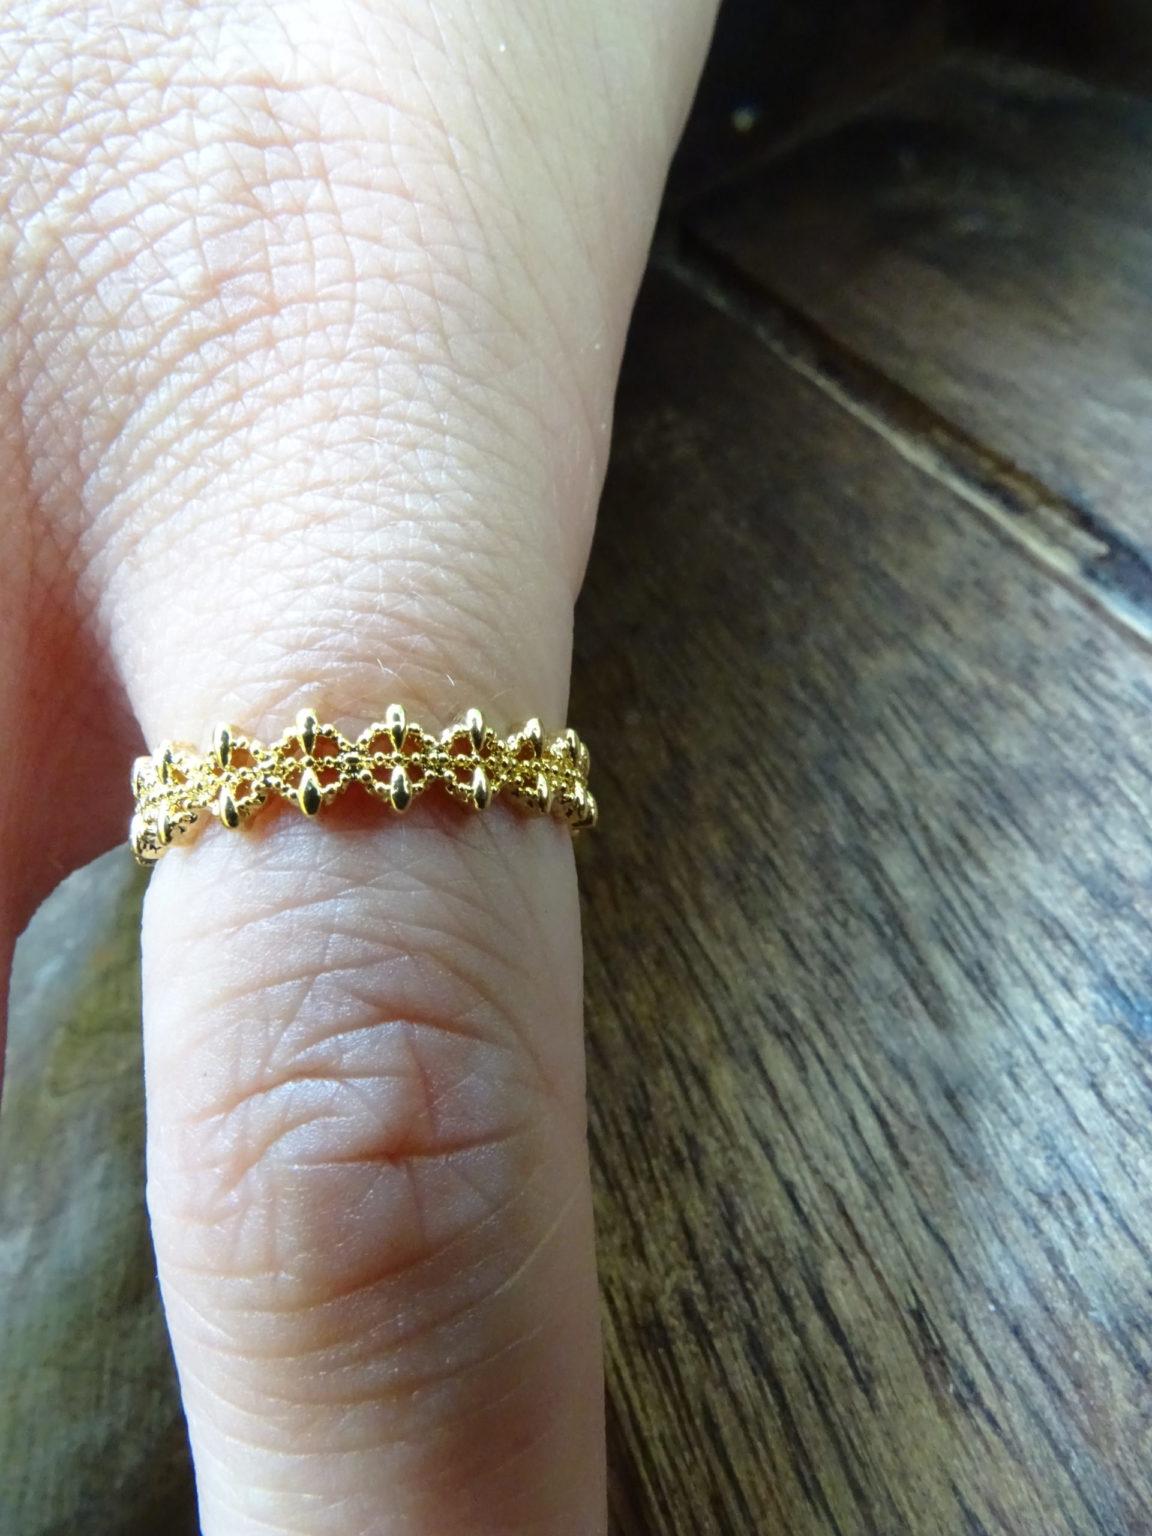 bague auriculaire. En forme d'anneau. Réglable. Bague doré en acier inoxydable.